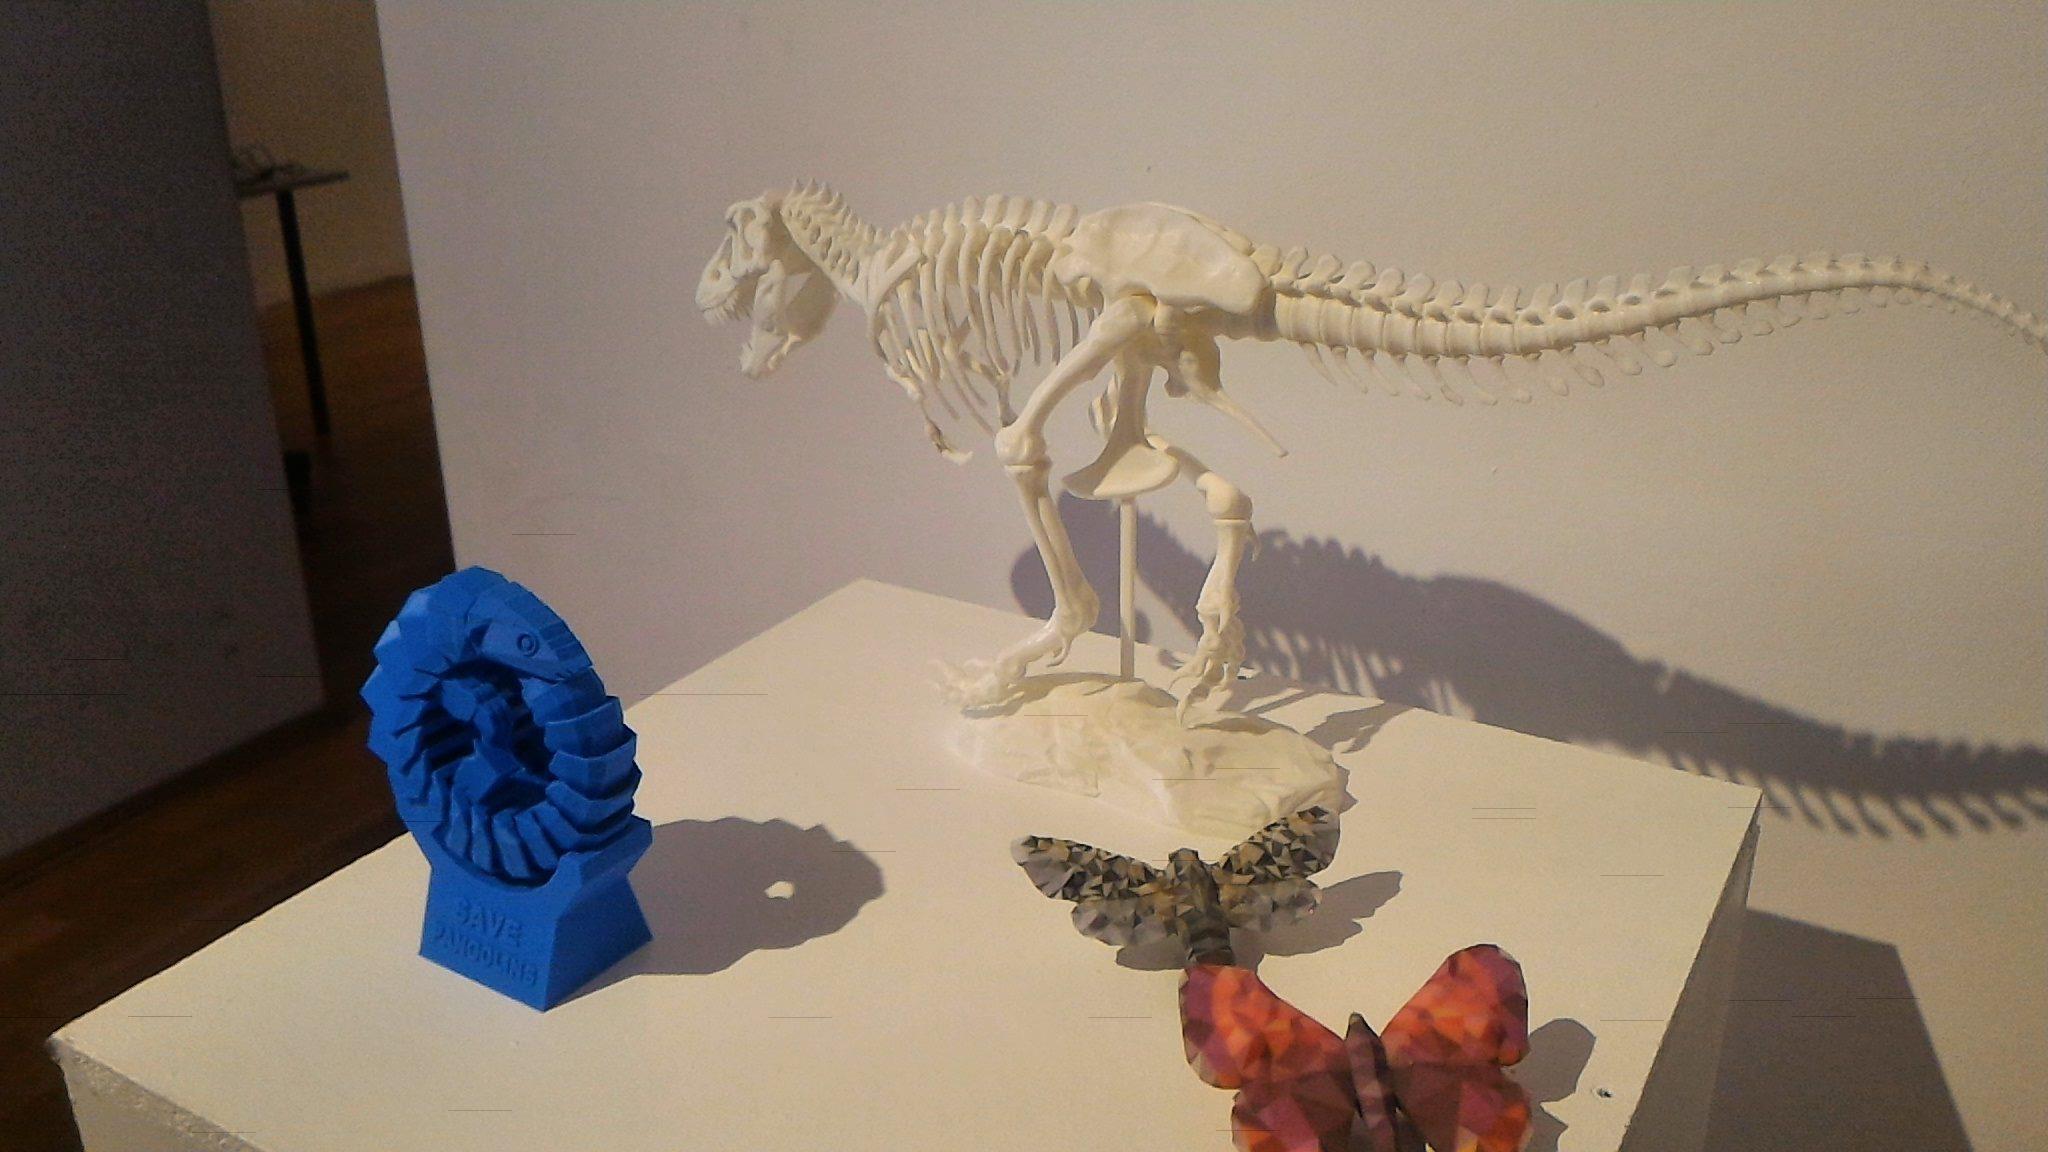 FOTO Expoziţie în premieră la Cluj: Castelul Bran, un exoschelet de dinozaur şi proteze printate în 3D